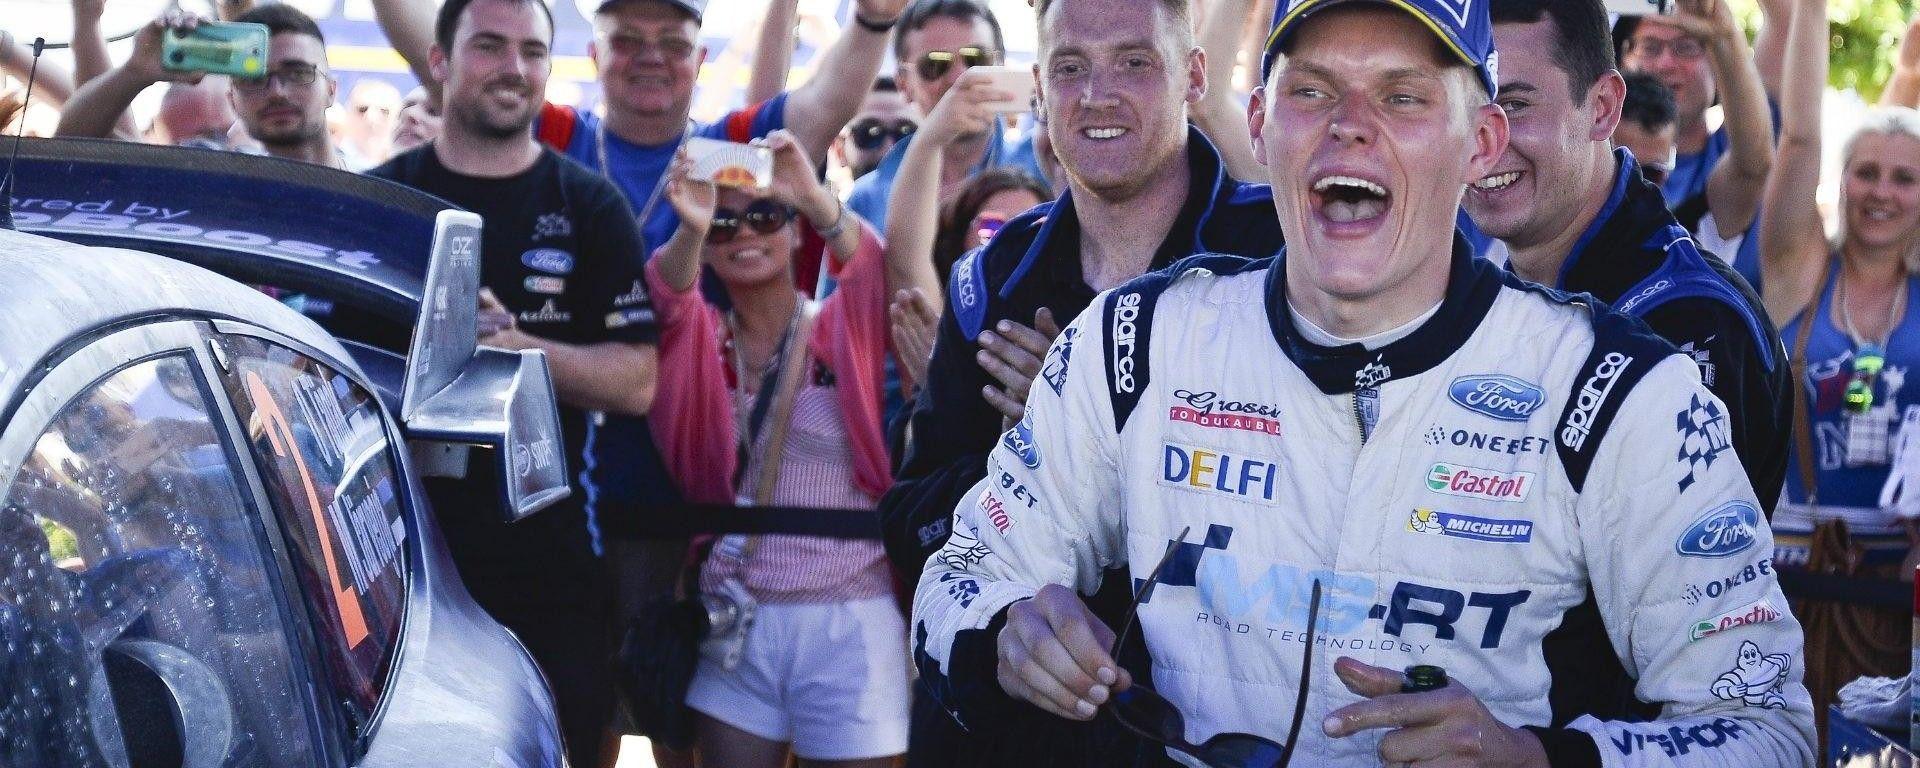 Tanak e la sua Ford Fiesta M-Sport trionfano nel Rally di Sardegna 2017 - WRC 2017